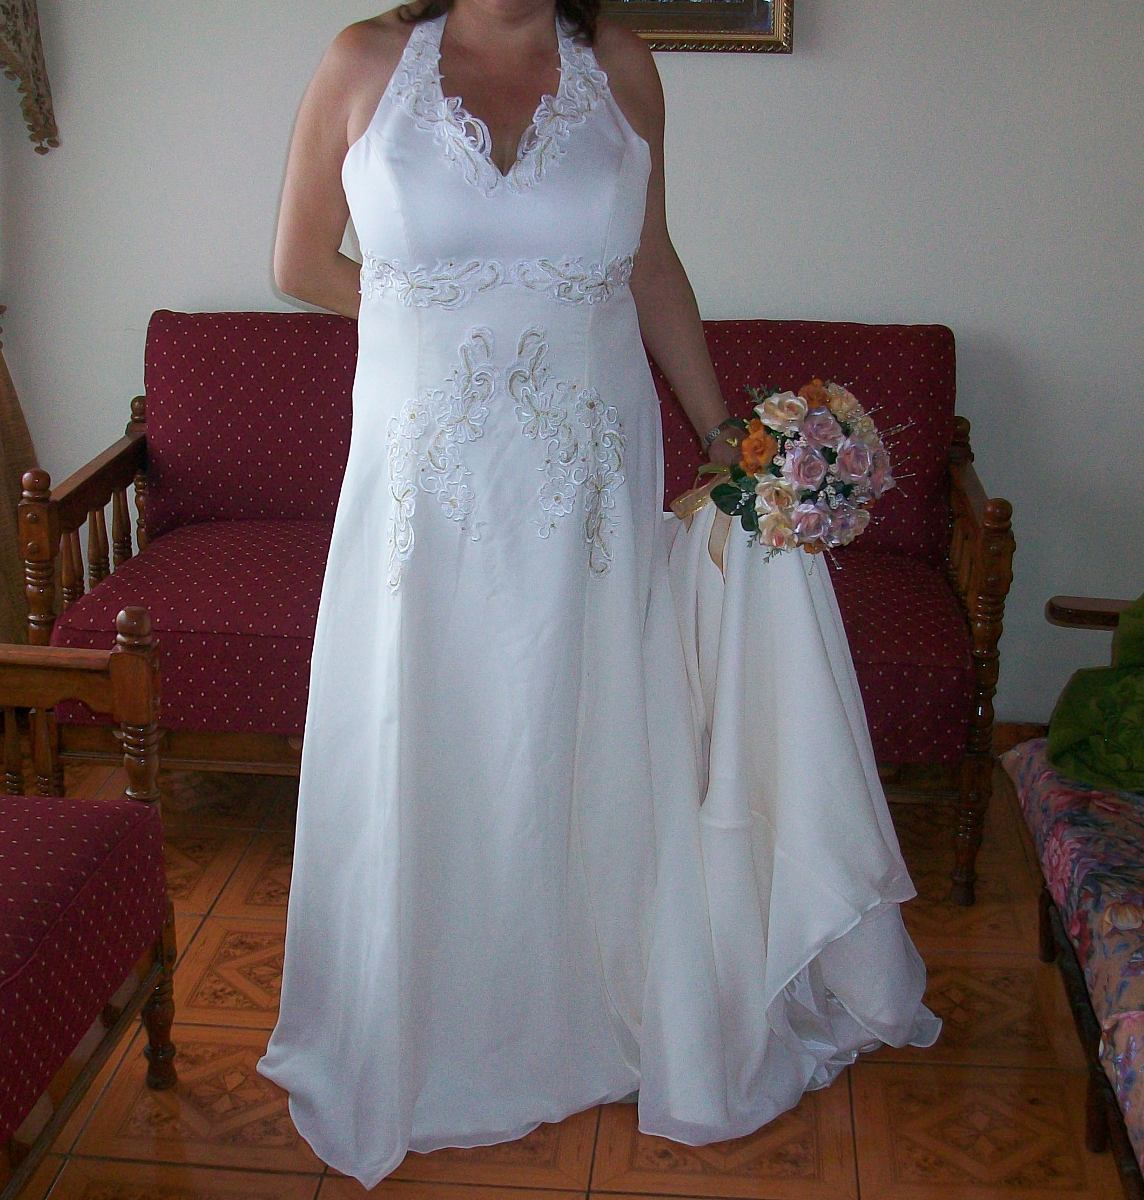 Fantastic Vendo Vestido De Novia Image - All Wedding Dresses ...